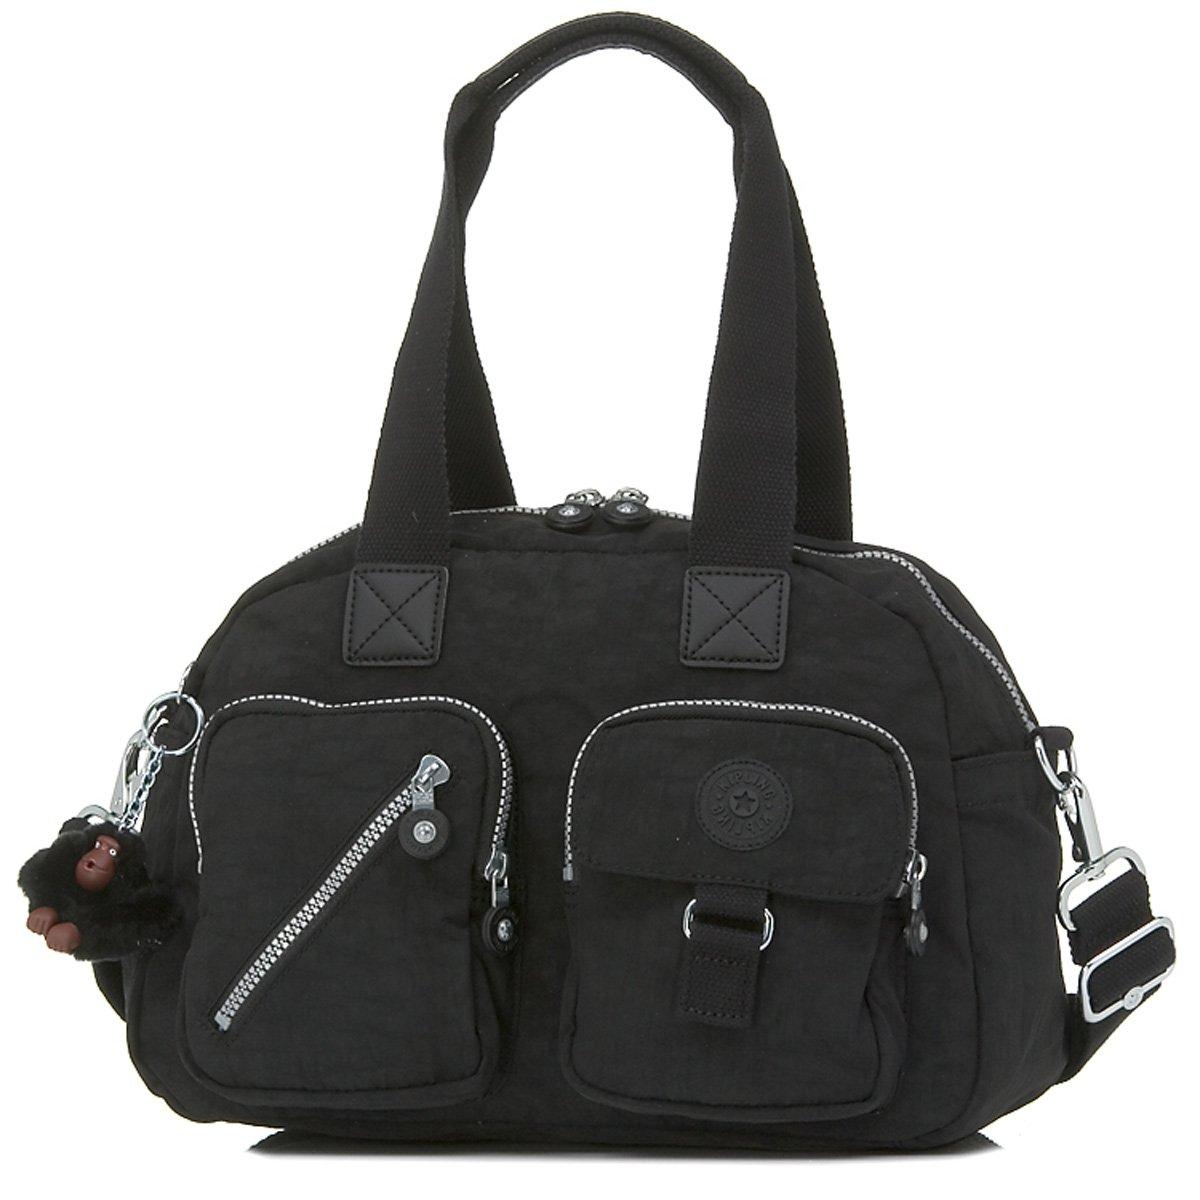 Kipling Luggage Defea Handbag with Shoulder Strap, Black, One Size by Kipling